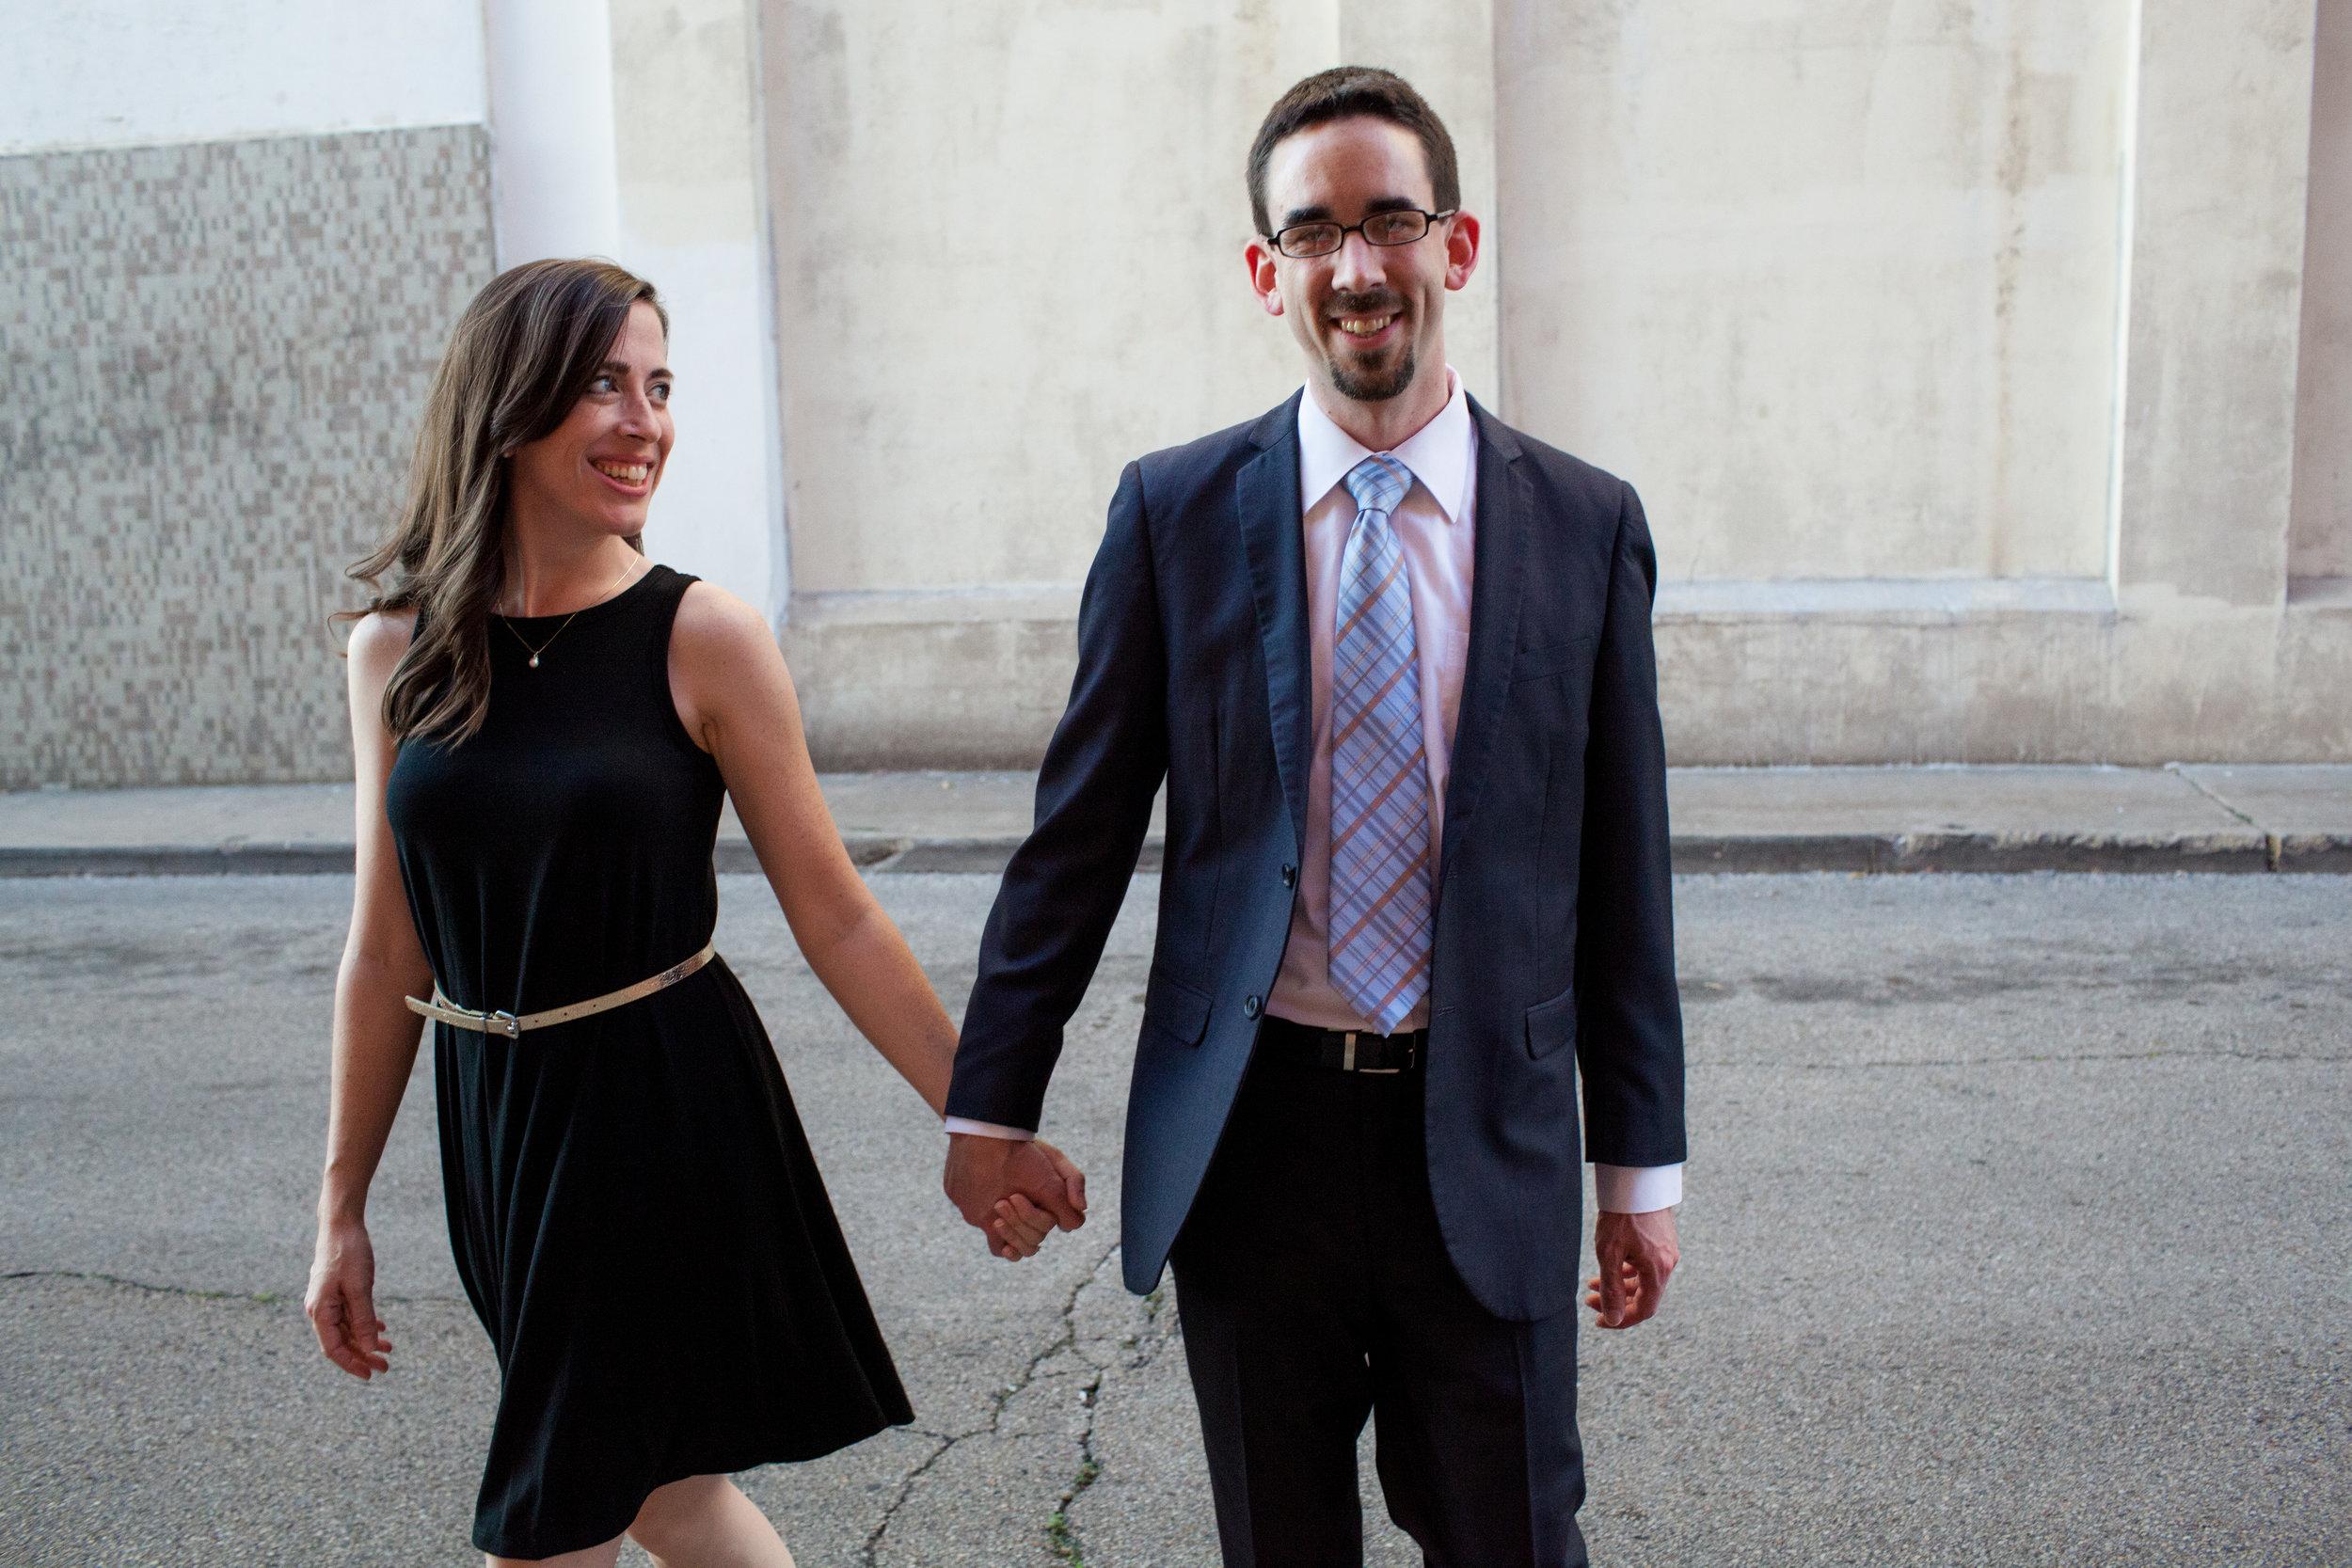 Waco Wedding Photographers Jason & Melaina Photography